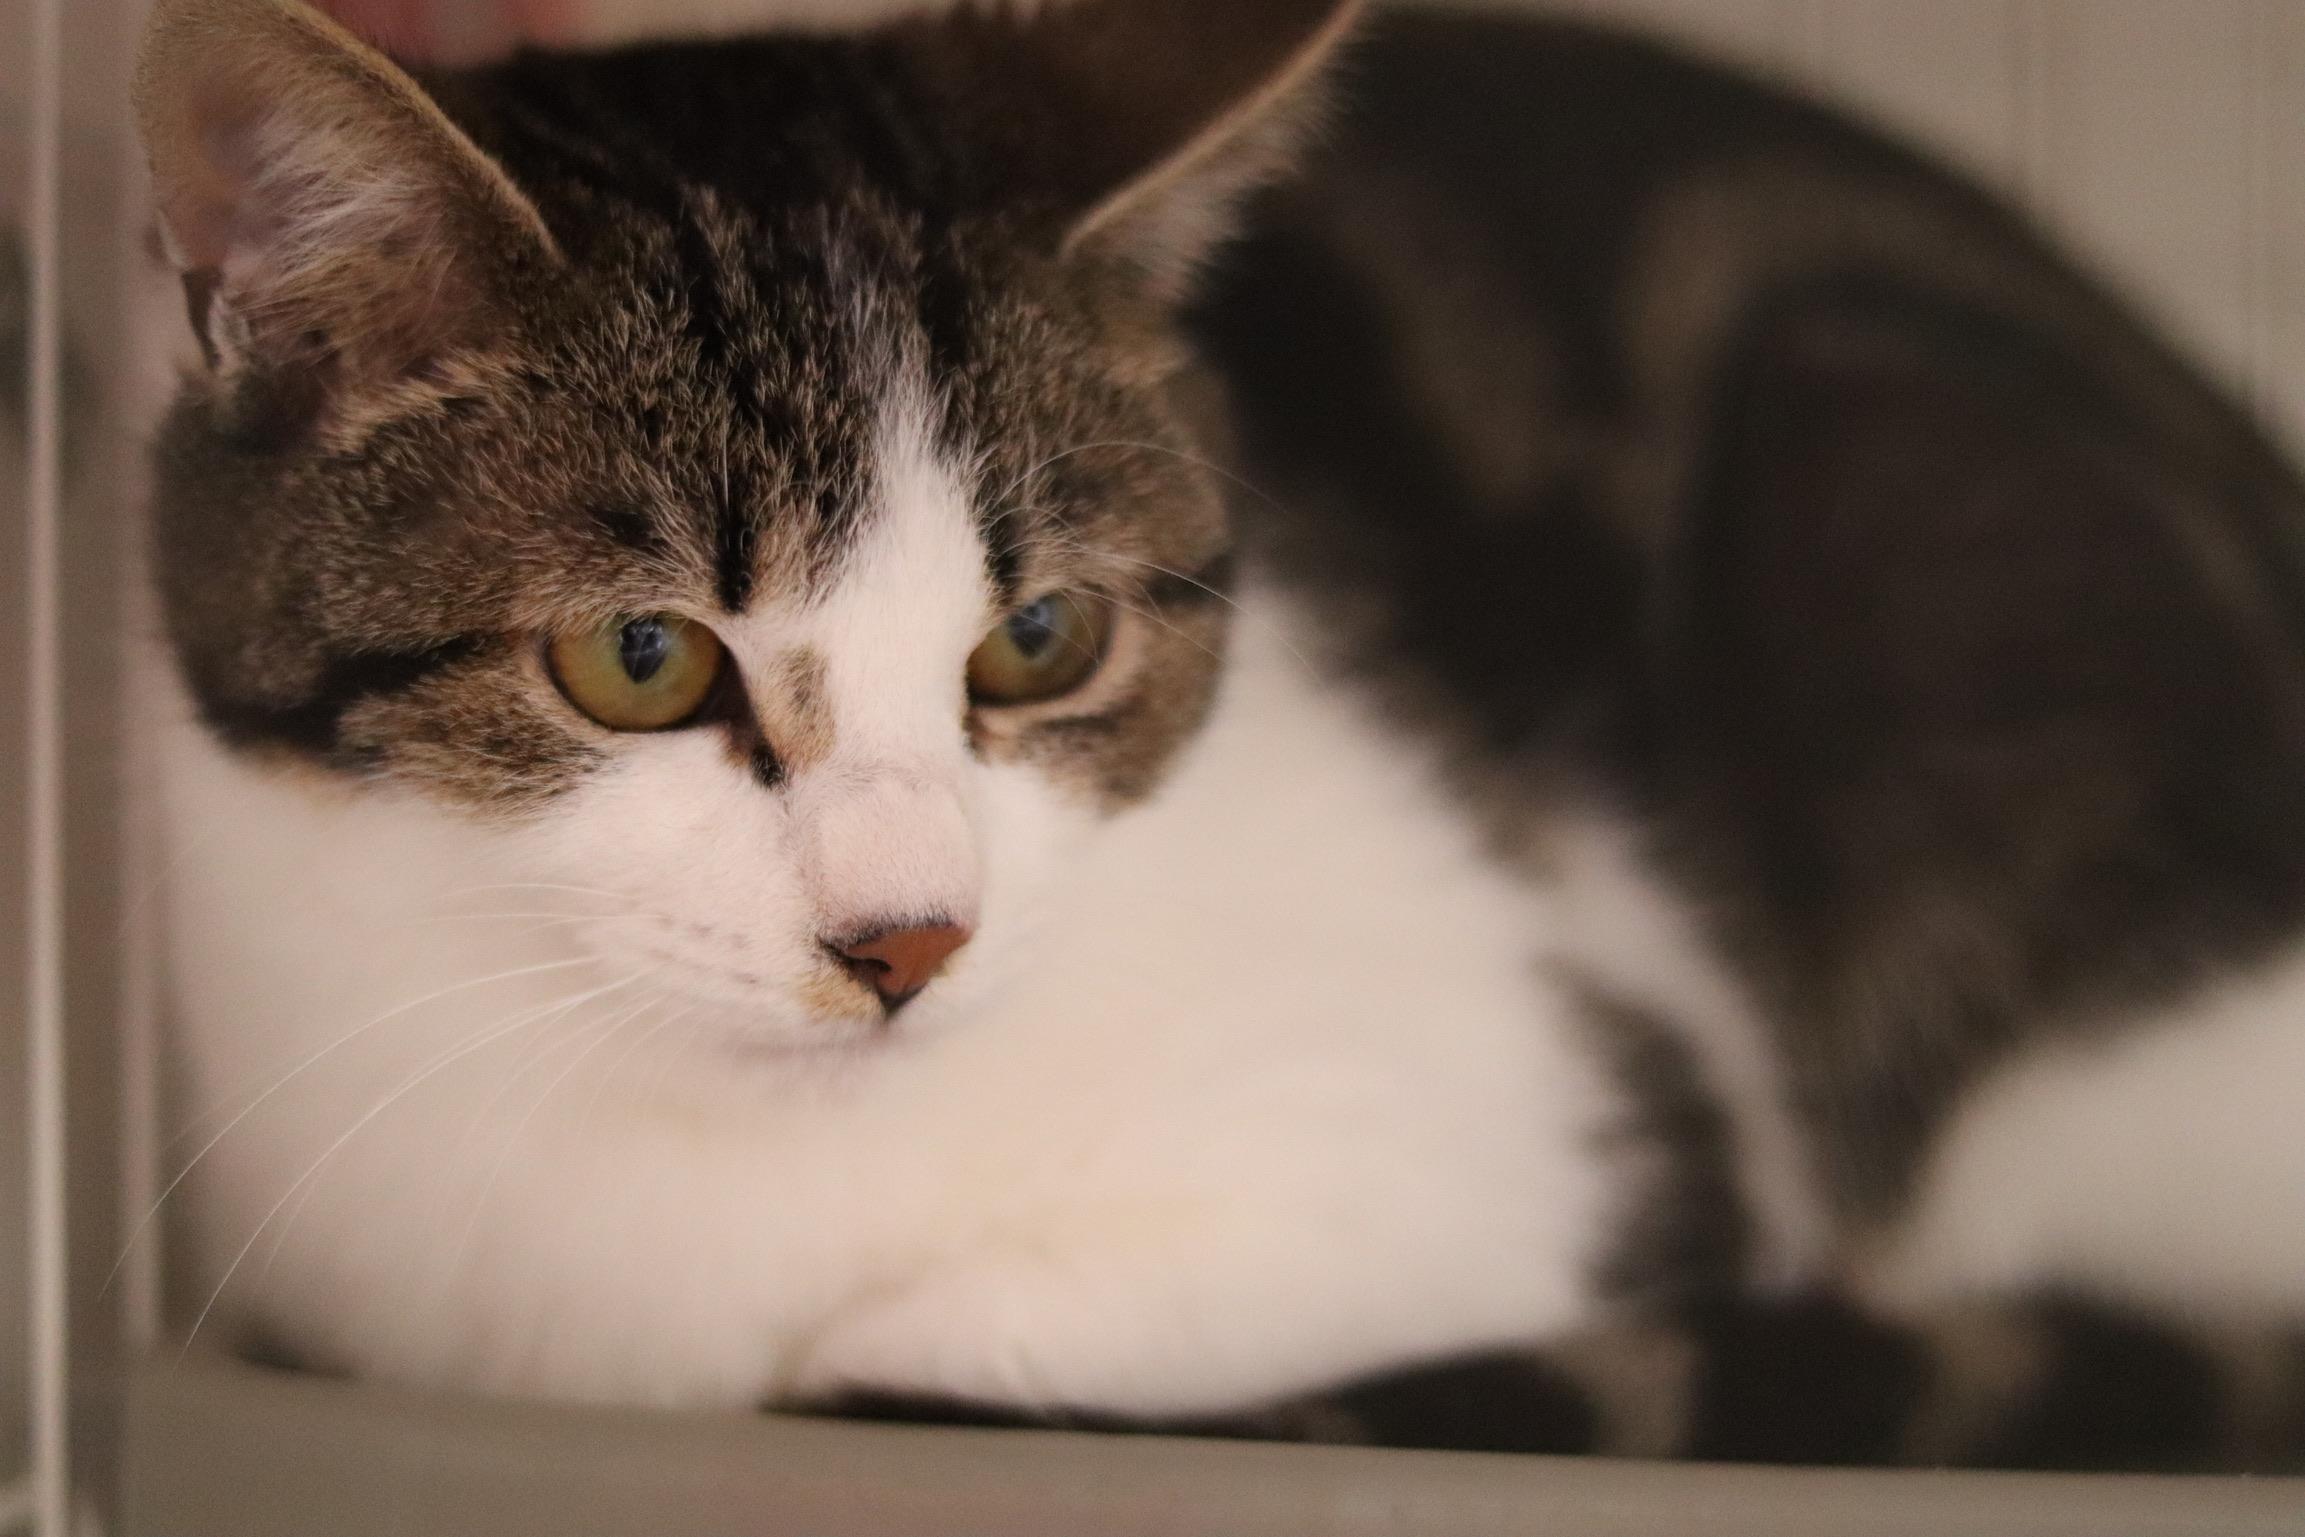 <ul> <li>猫種:日本猫</li> <li>性別:男の子</li> <li>名前:こつぶ</li> <li>年齢:2020年6月頃生まれ</li> <li>保護経緯:飼い主に猫アレルギーが発症し、また転勤のため飼育困難</li> </ul>